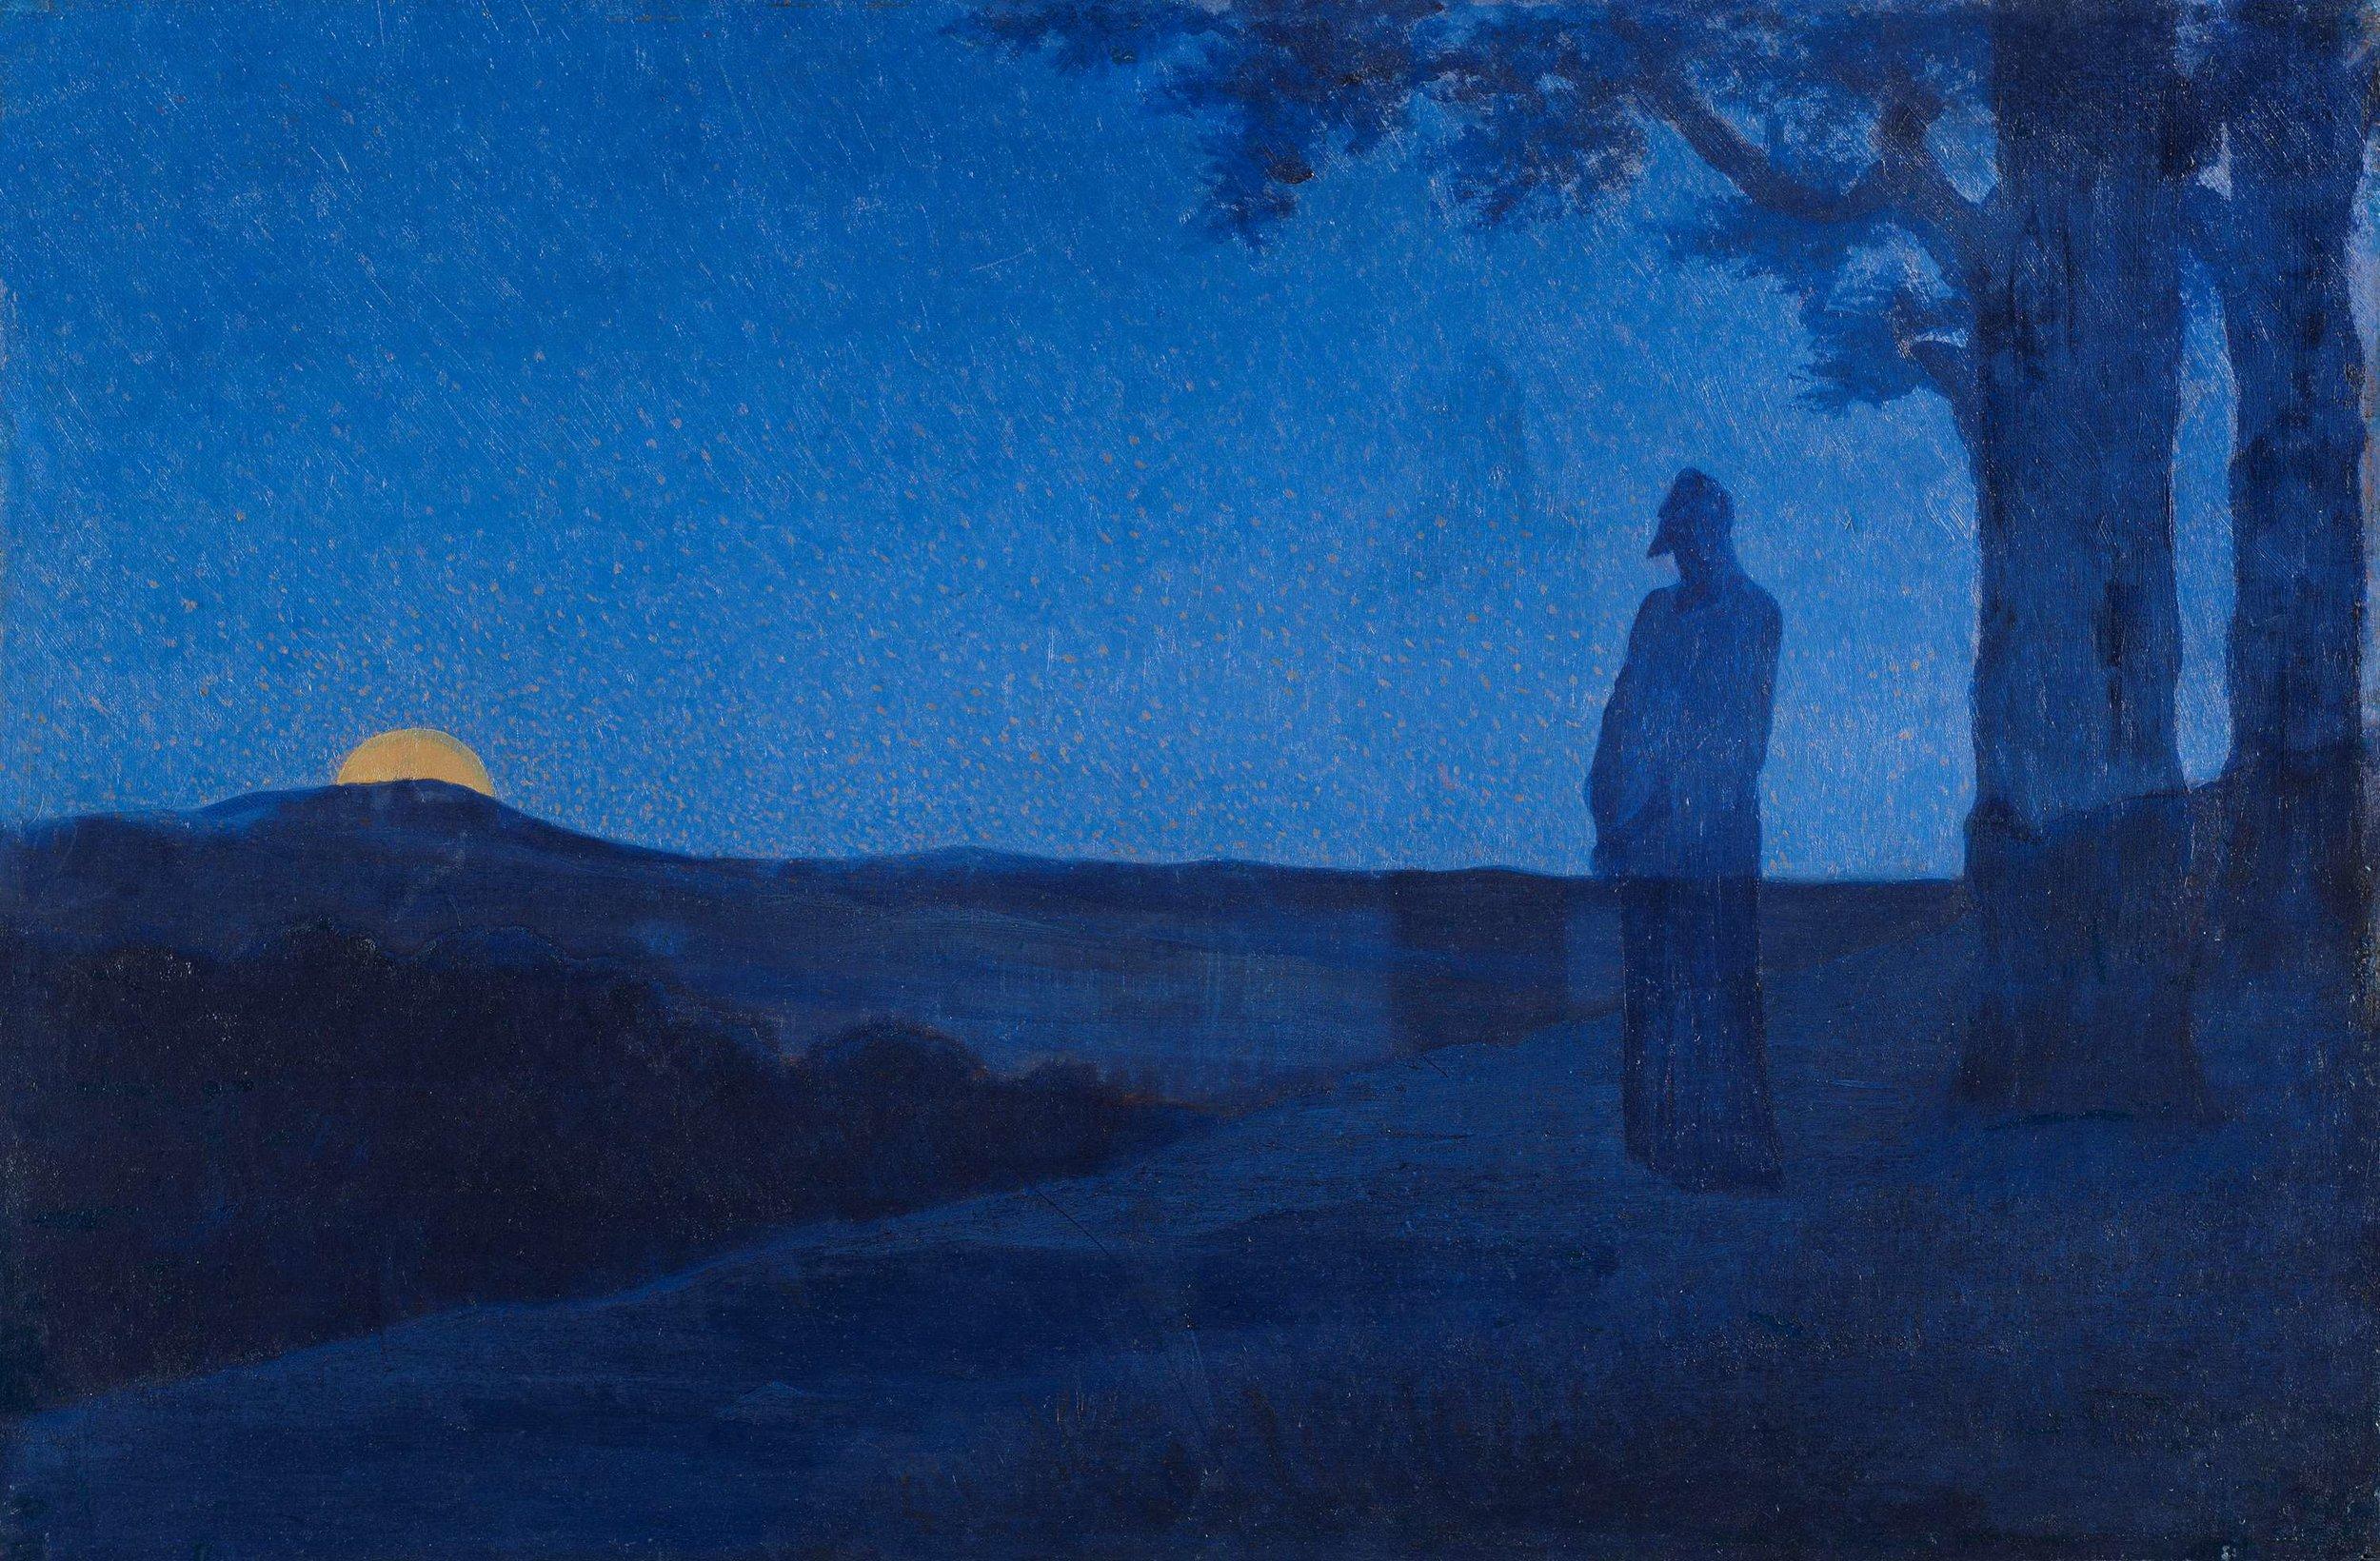 silhouette-jesus.jpg